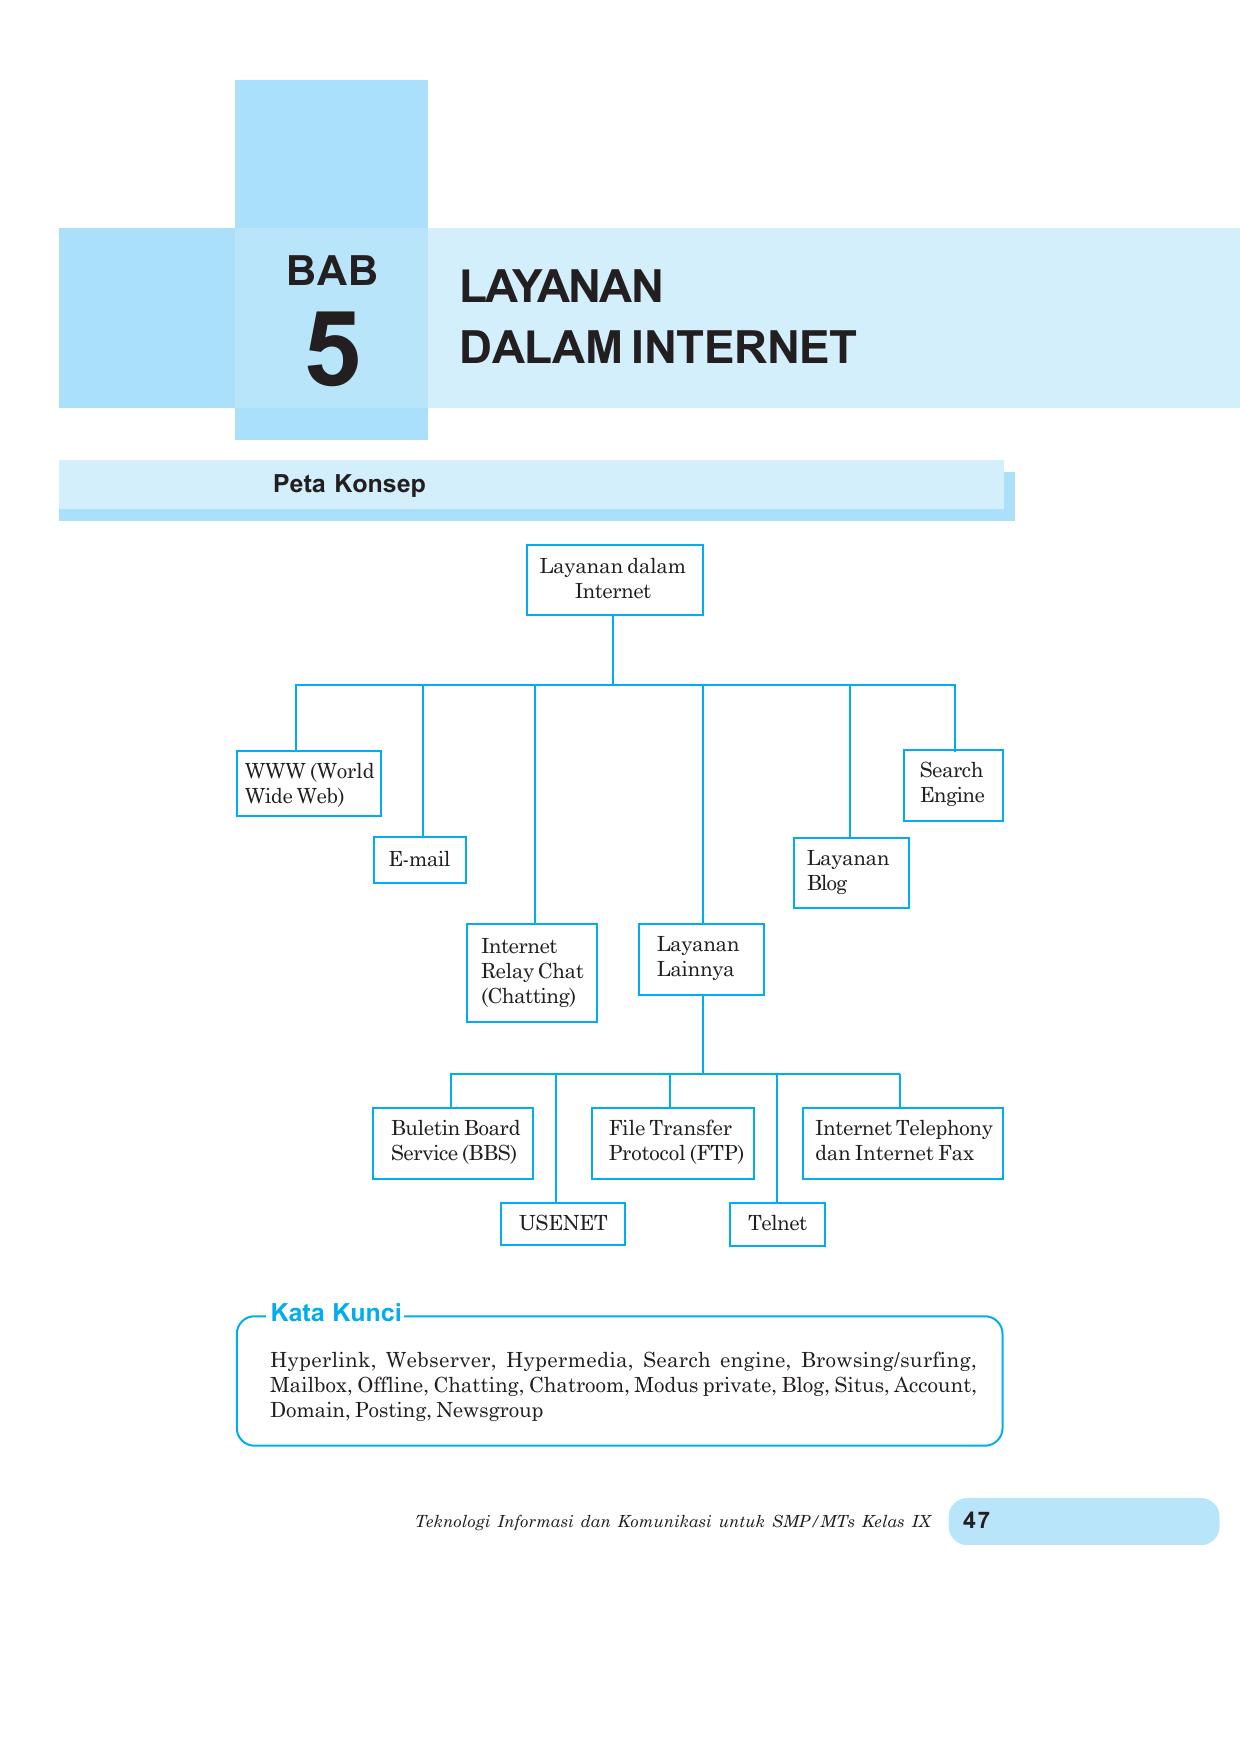 10 Istilah Dalam Internet : istilah, dalam, internet, Kelas, Layanan, Dalam, Internet